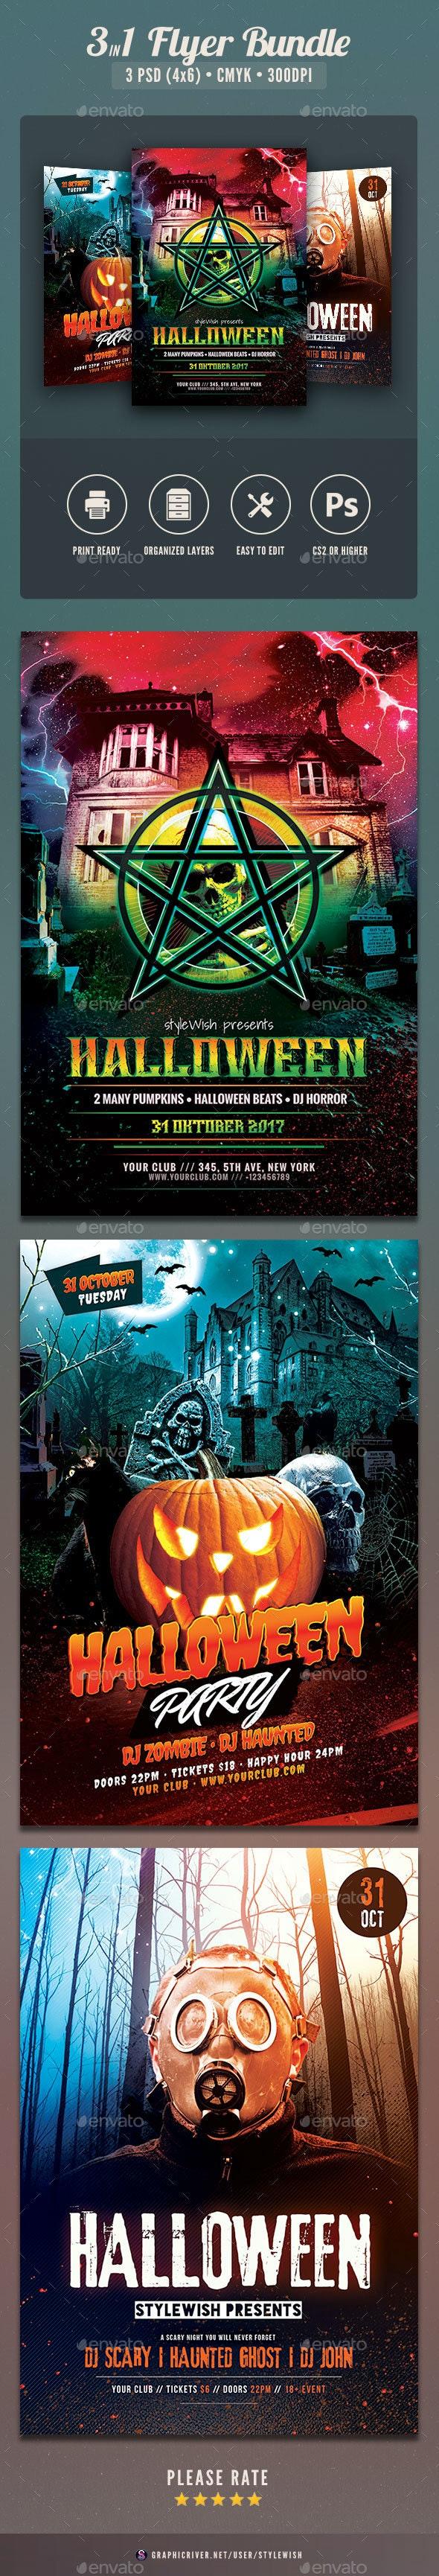 Halloween Flyer Bundle Vol.04 - Clubs & Parties Events